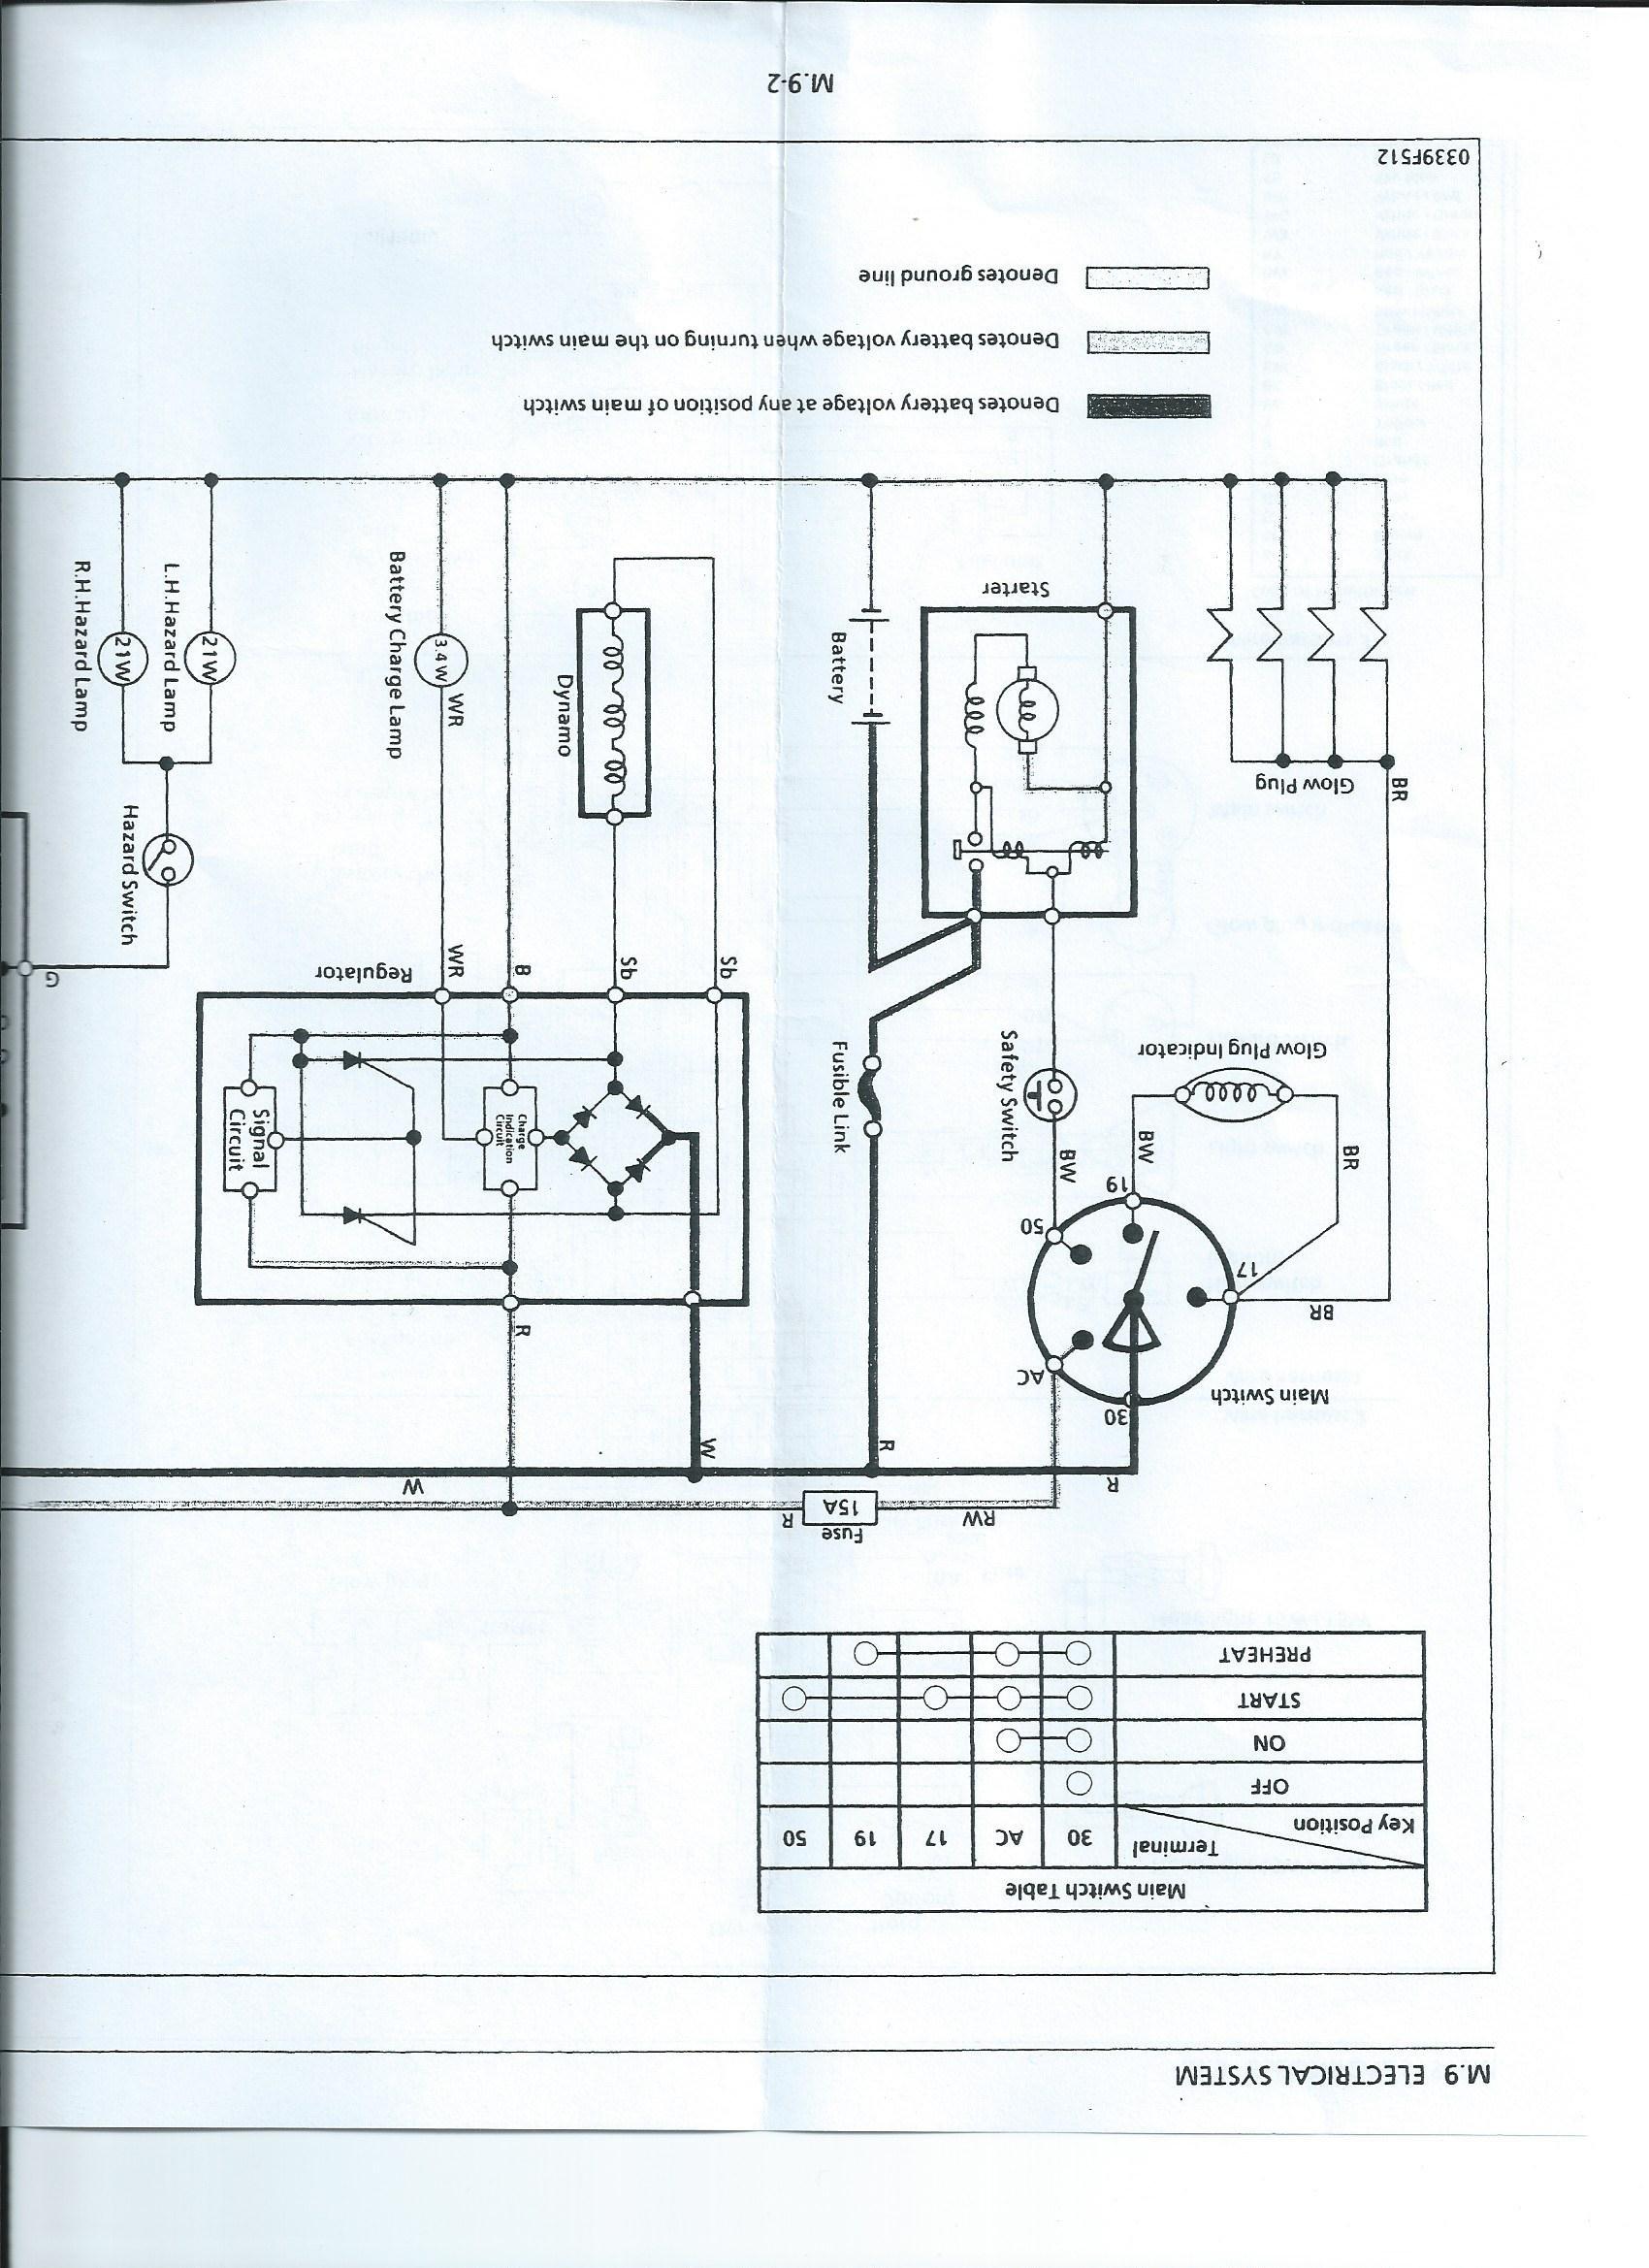 [DIAGRAM_5NL]  Kubota M6800 Wiring Diagram - Fuse Box On Motorcycle for Wiring Diagram  Schematics | Kubota M6800 Wiring Diagram |  | Wiring Diagram Schematics